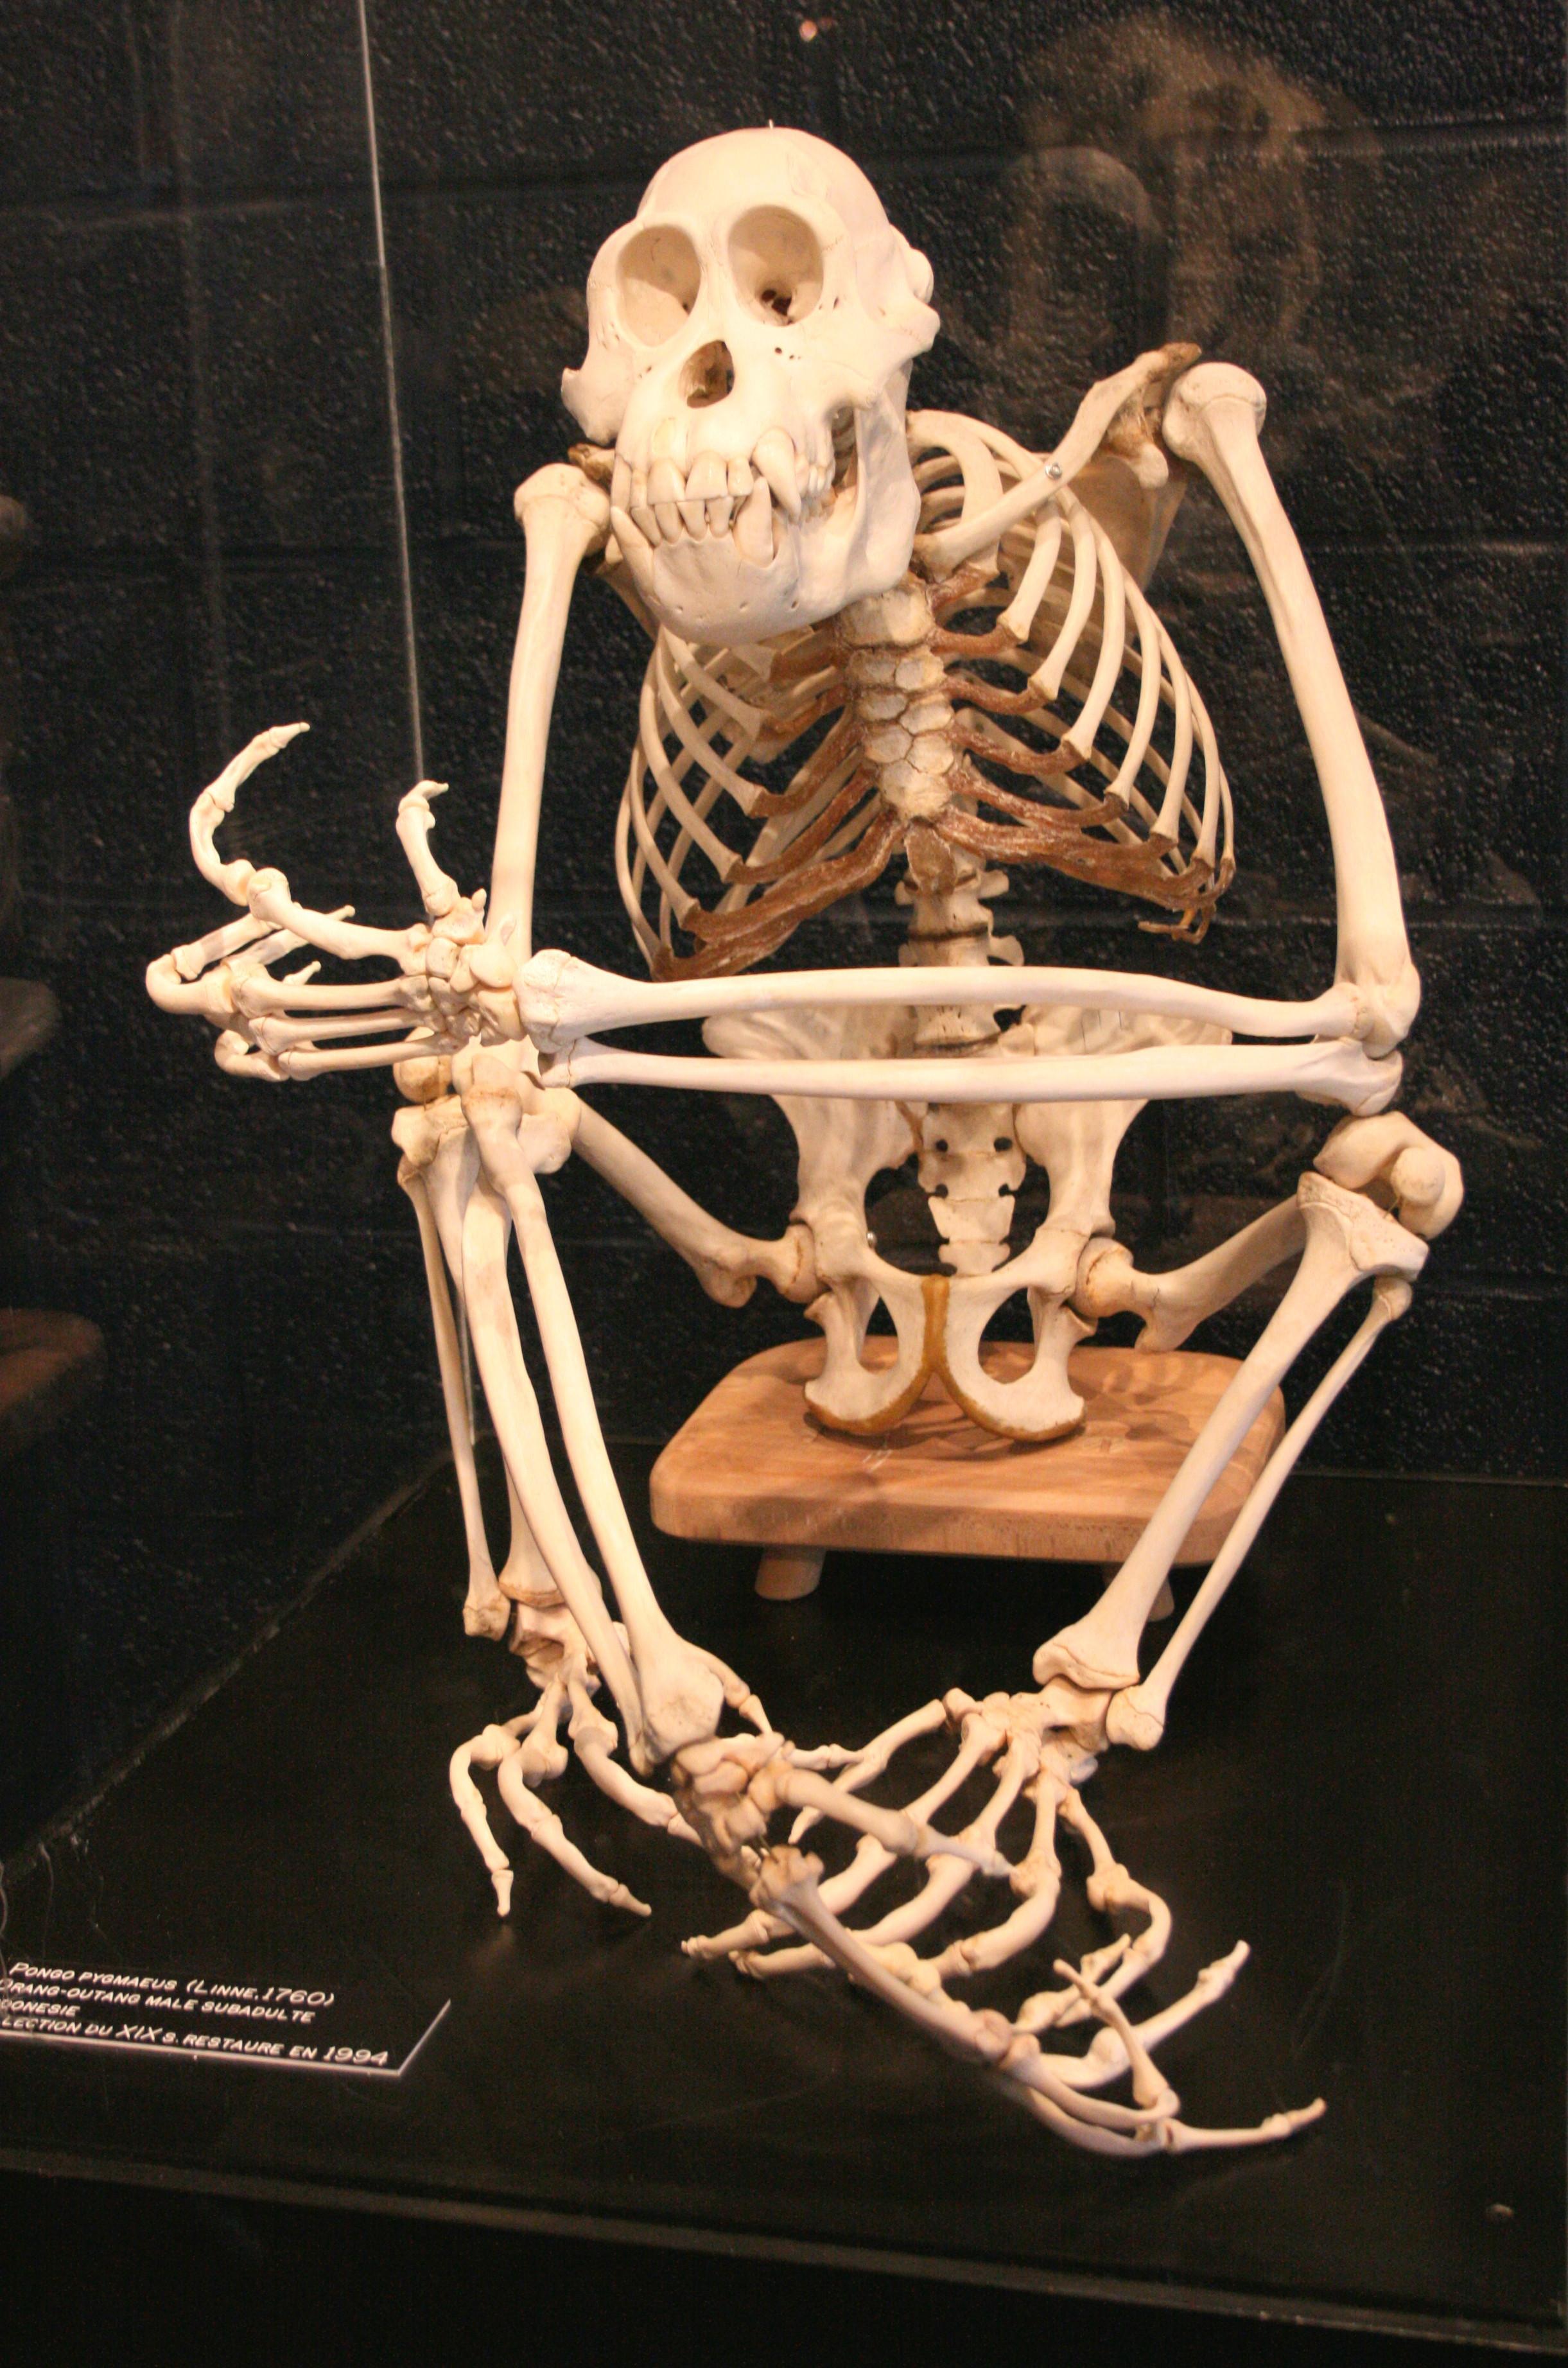 Esqueleto de orangután